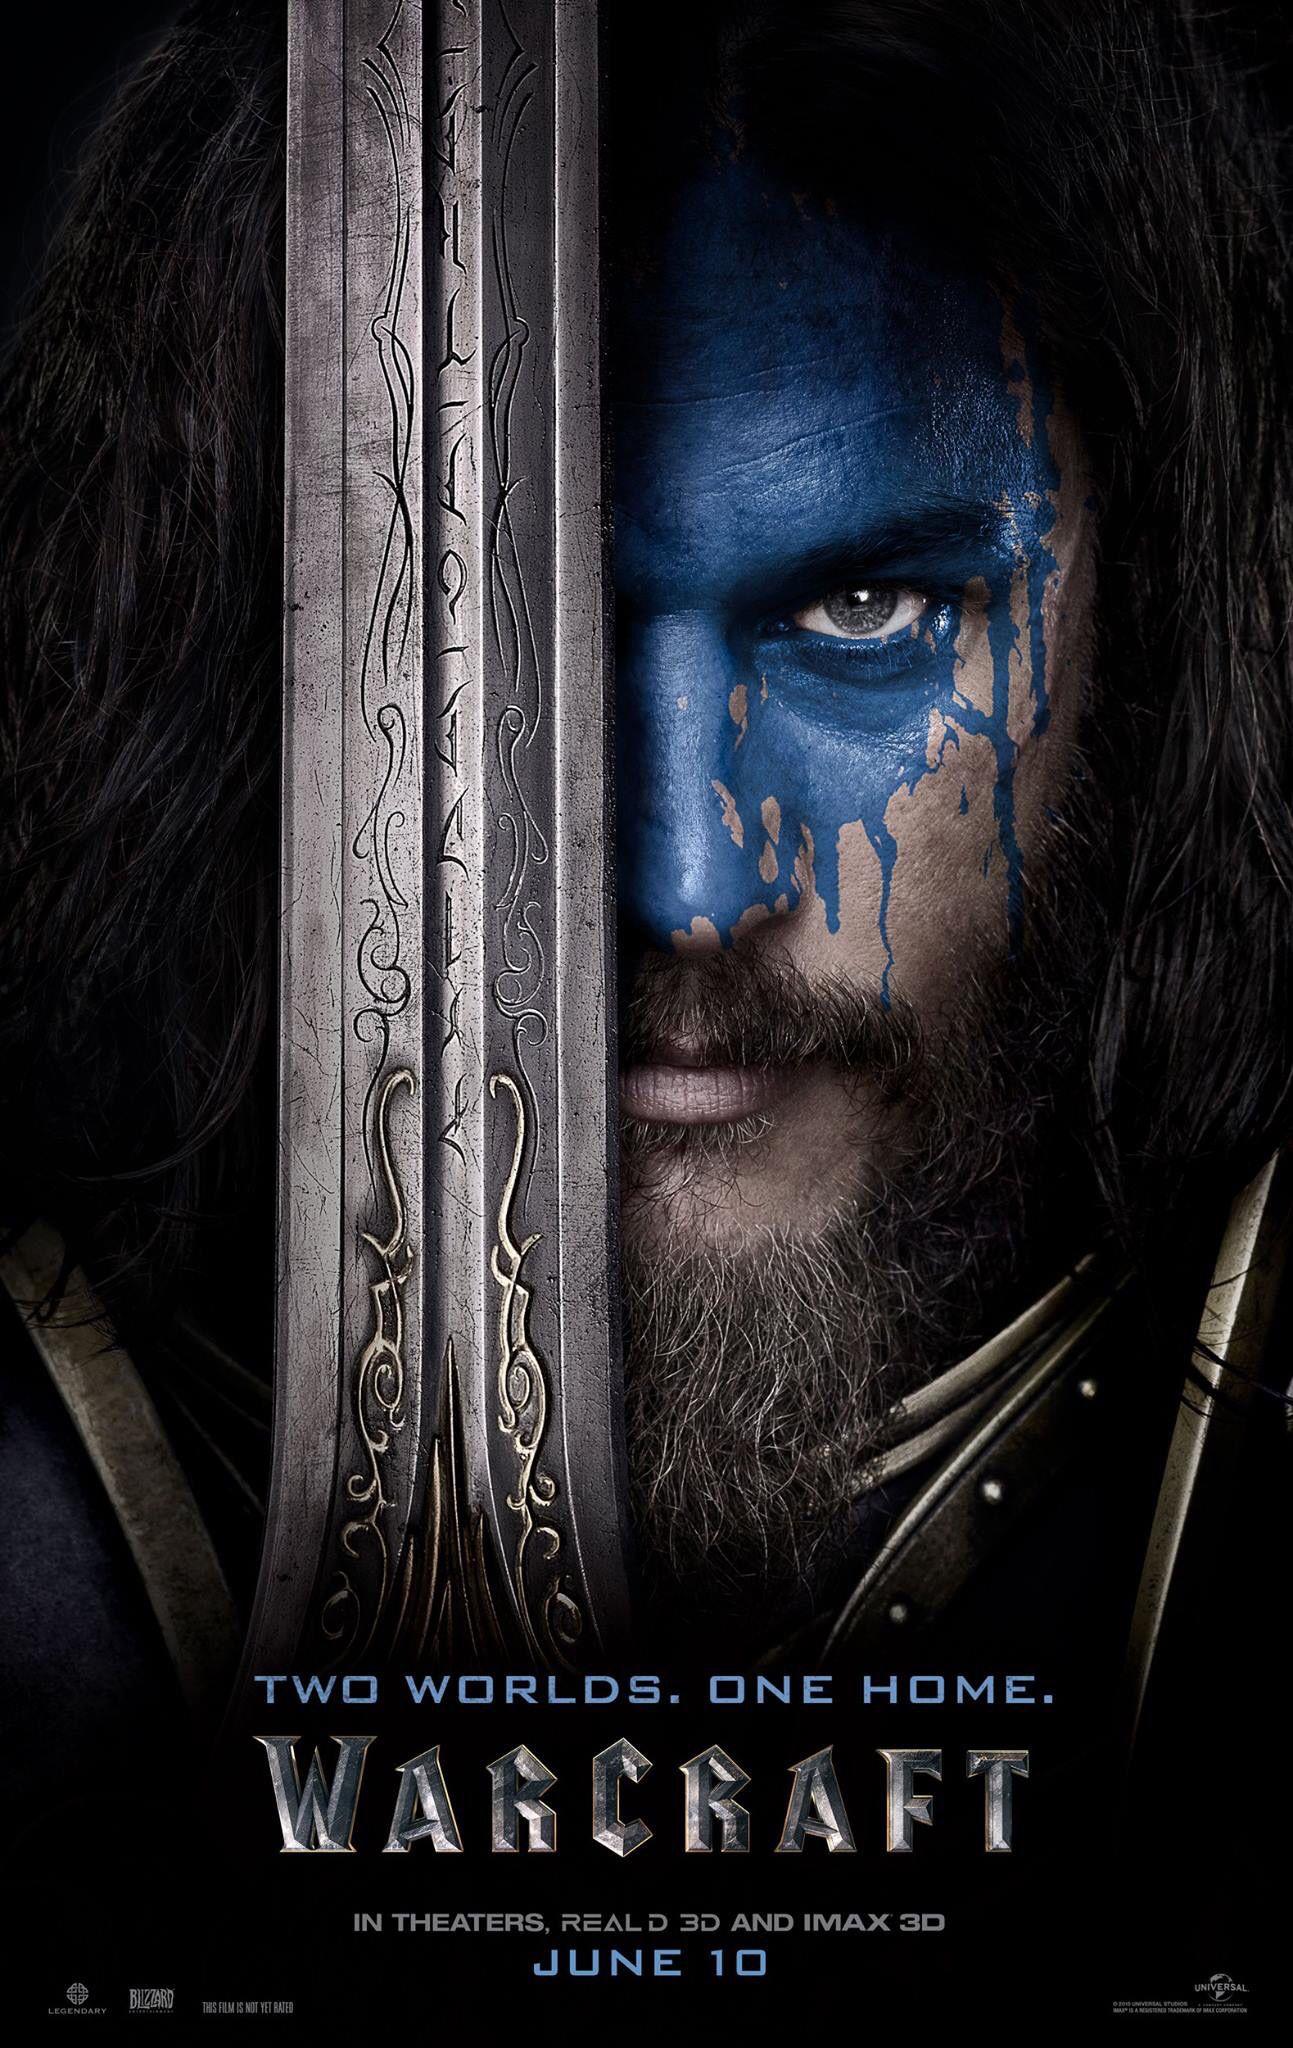 Warcraft Movie Travis Fimmel Poster De Peliculas Peliculas En Espanol Latino